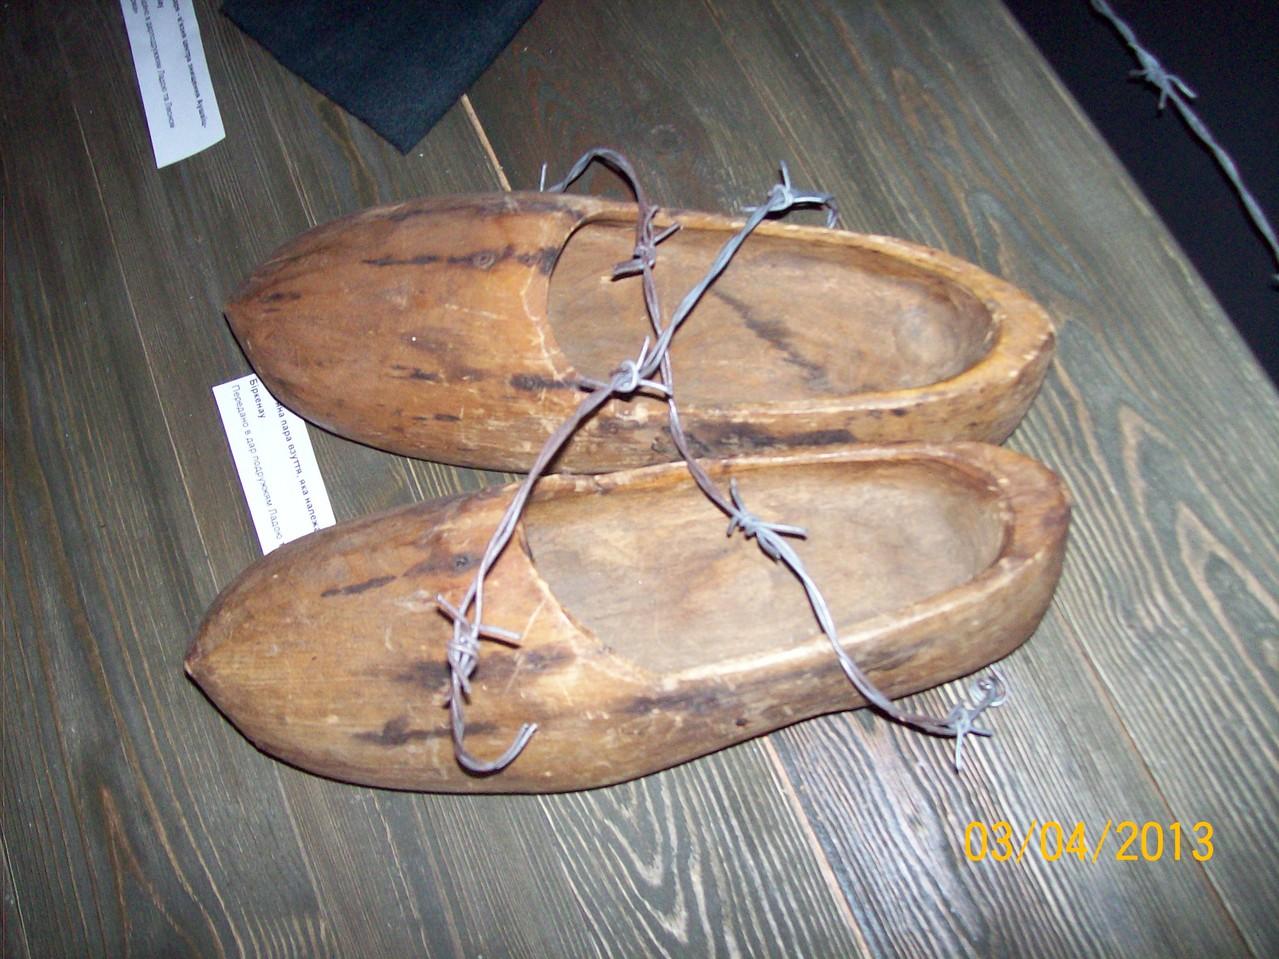 Дерев'яна пара взуття, що належала в'язневі концентраційного табору Біркенау